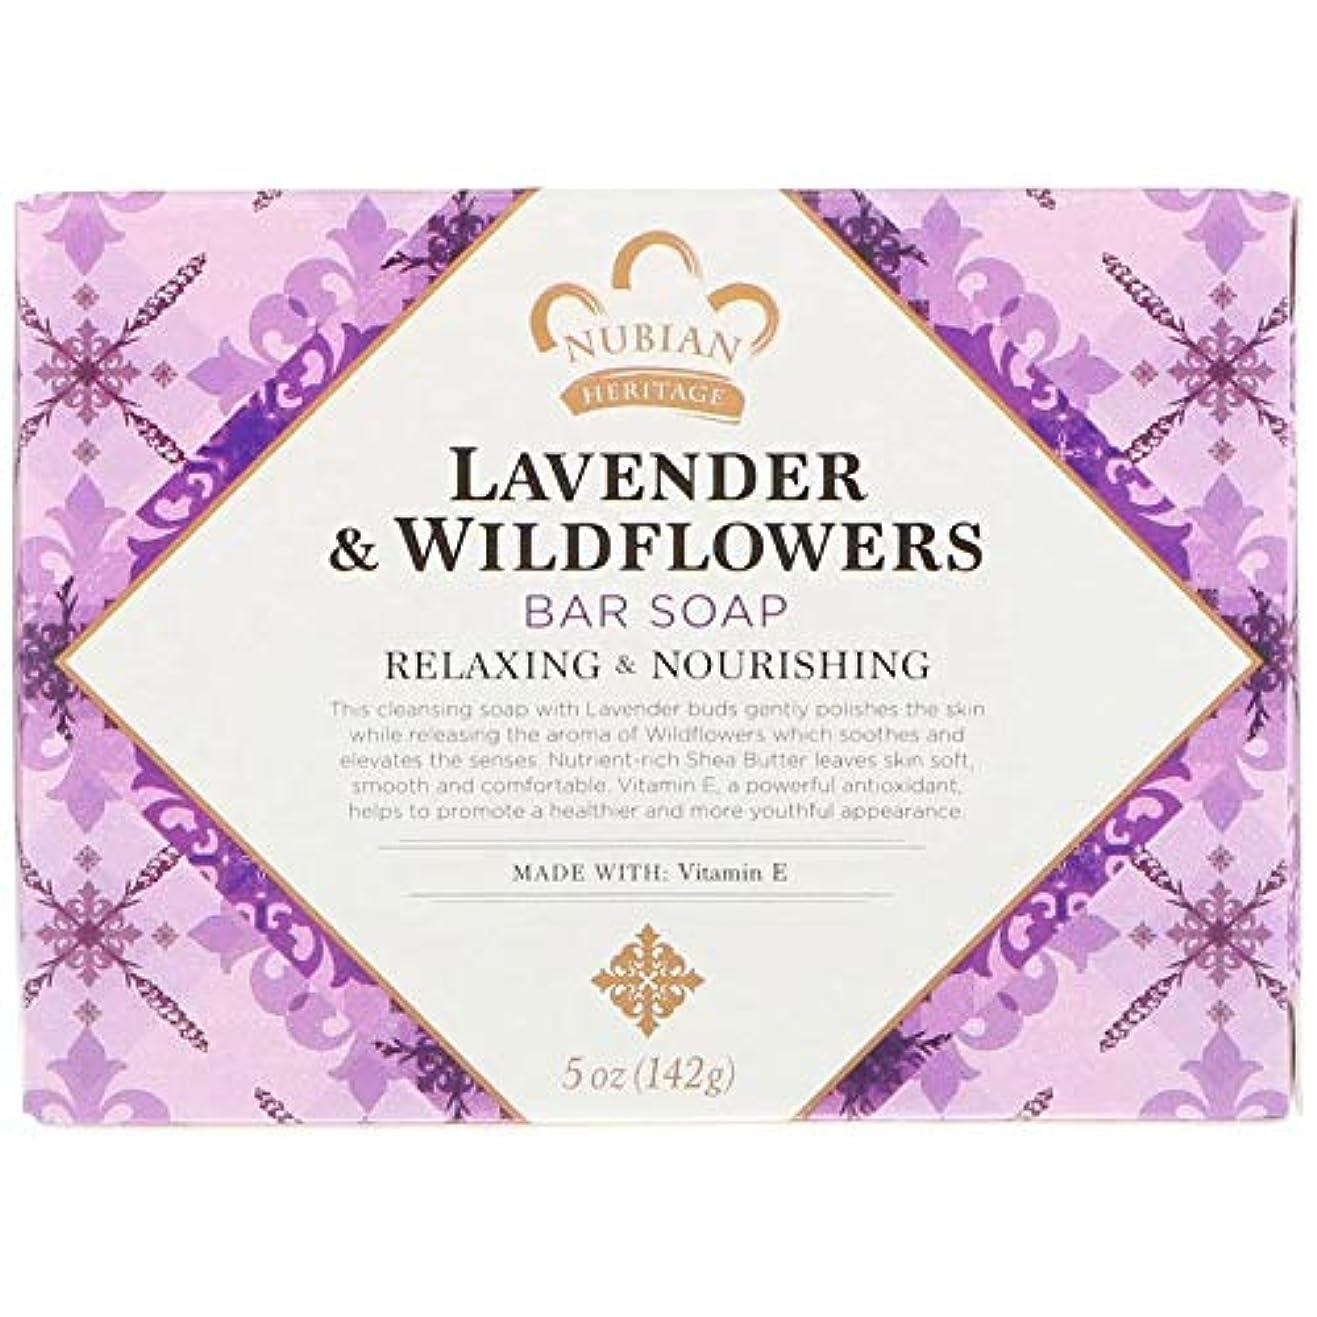 わかりやすいラフ人生を作るシアバターソープ石鹸 ラベンダー&ワイルドフラワー Lavender & Wildflowers Bar Soap, 5 oz (142 g) [並行輸入品]